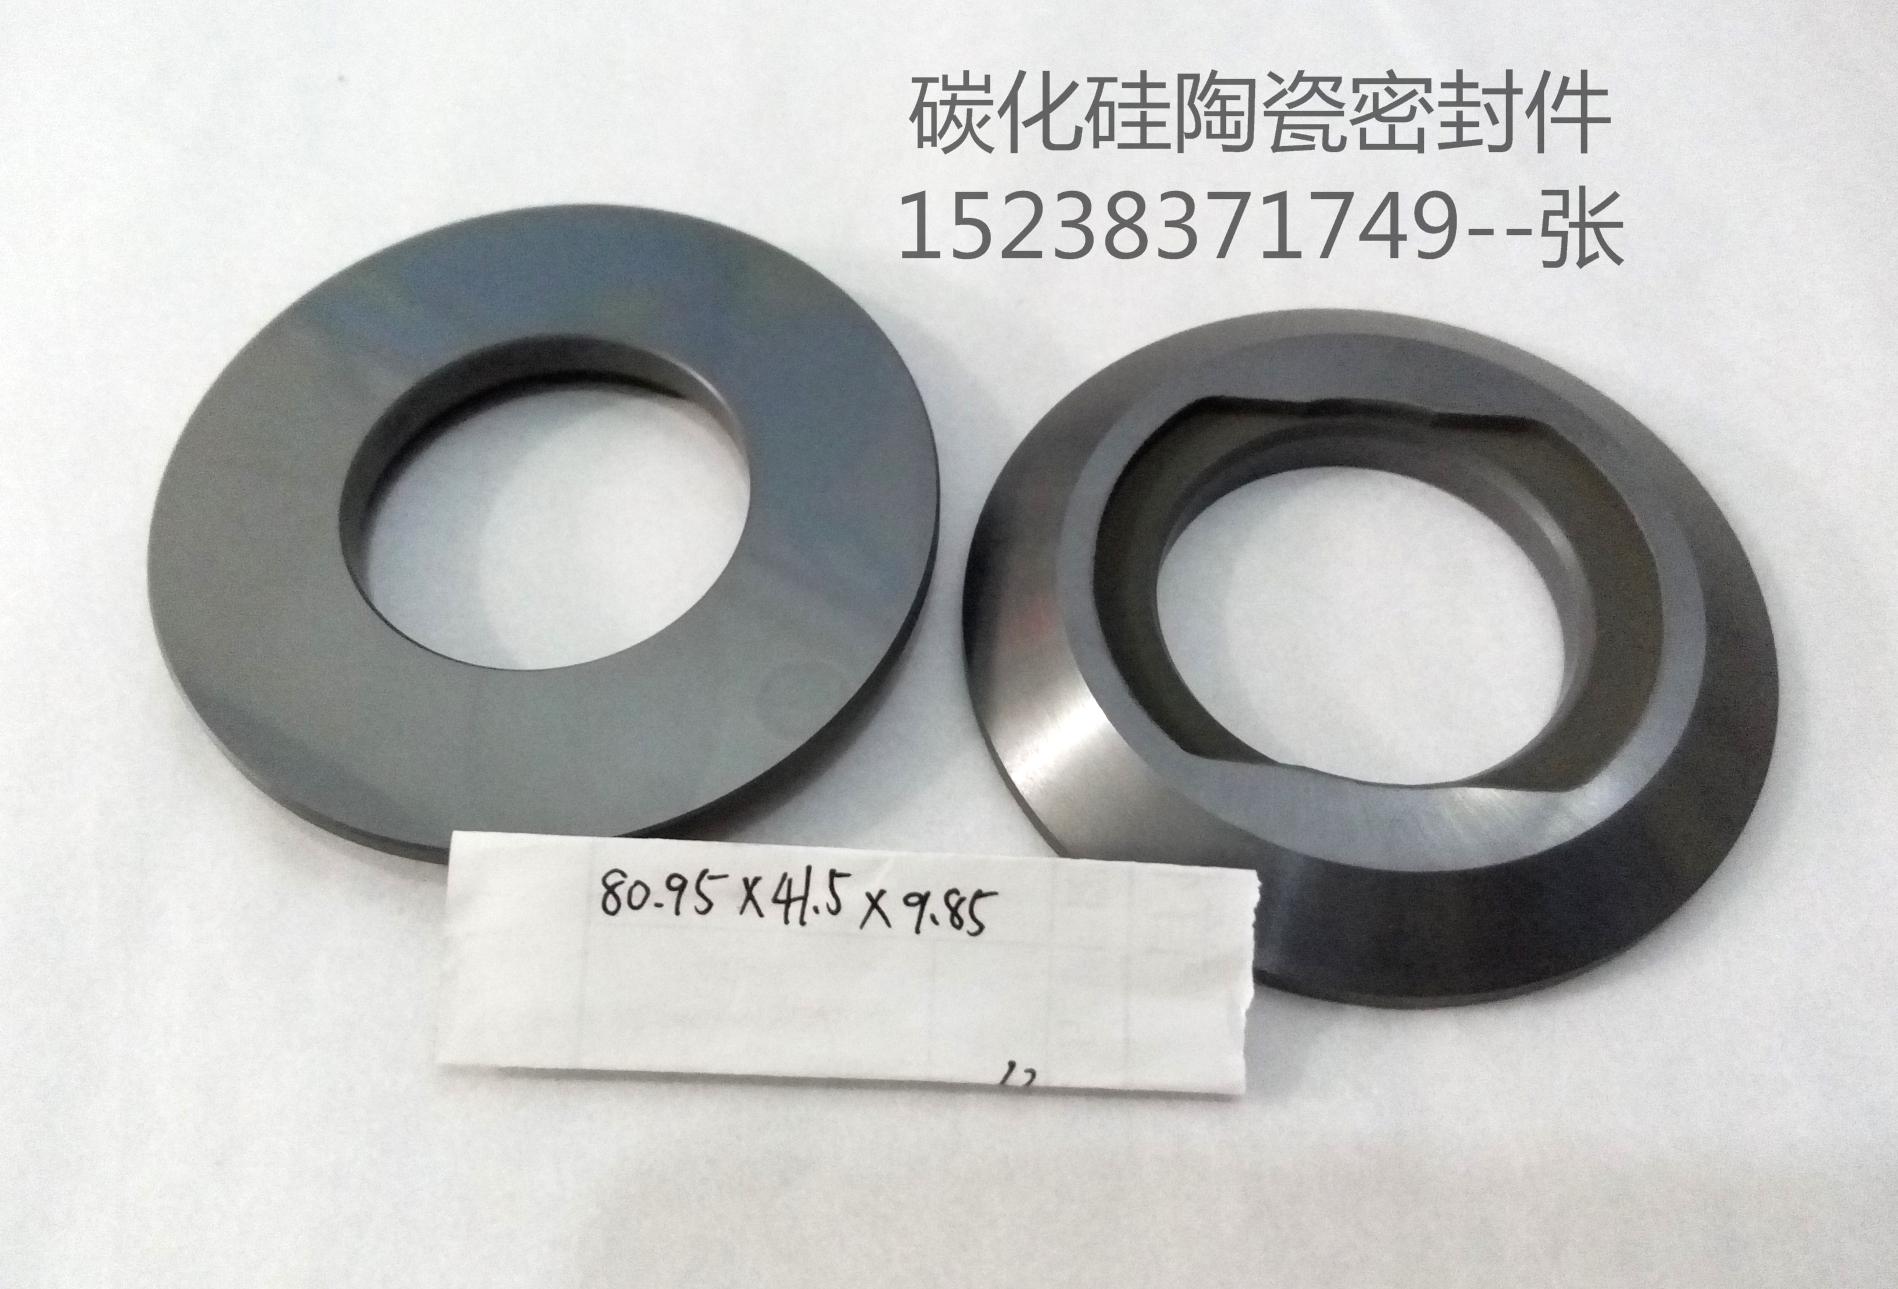 江苏碳化硅密封件价格,江苏碳化硅密封件厂家 江苏碳化硅密封件厂家批发